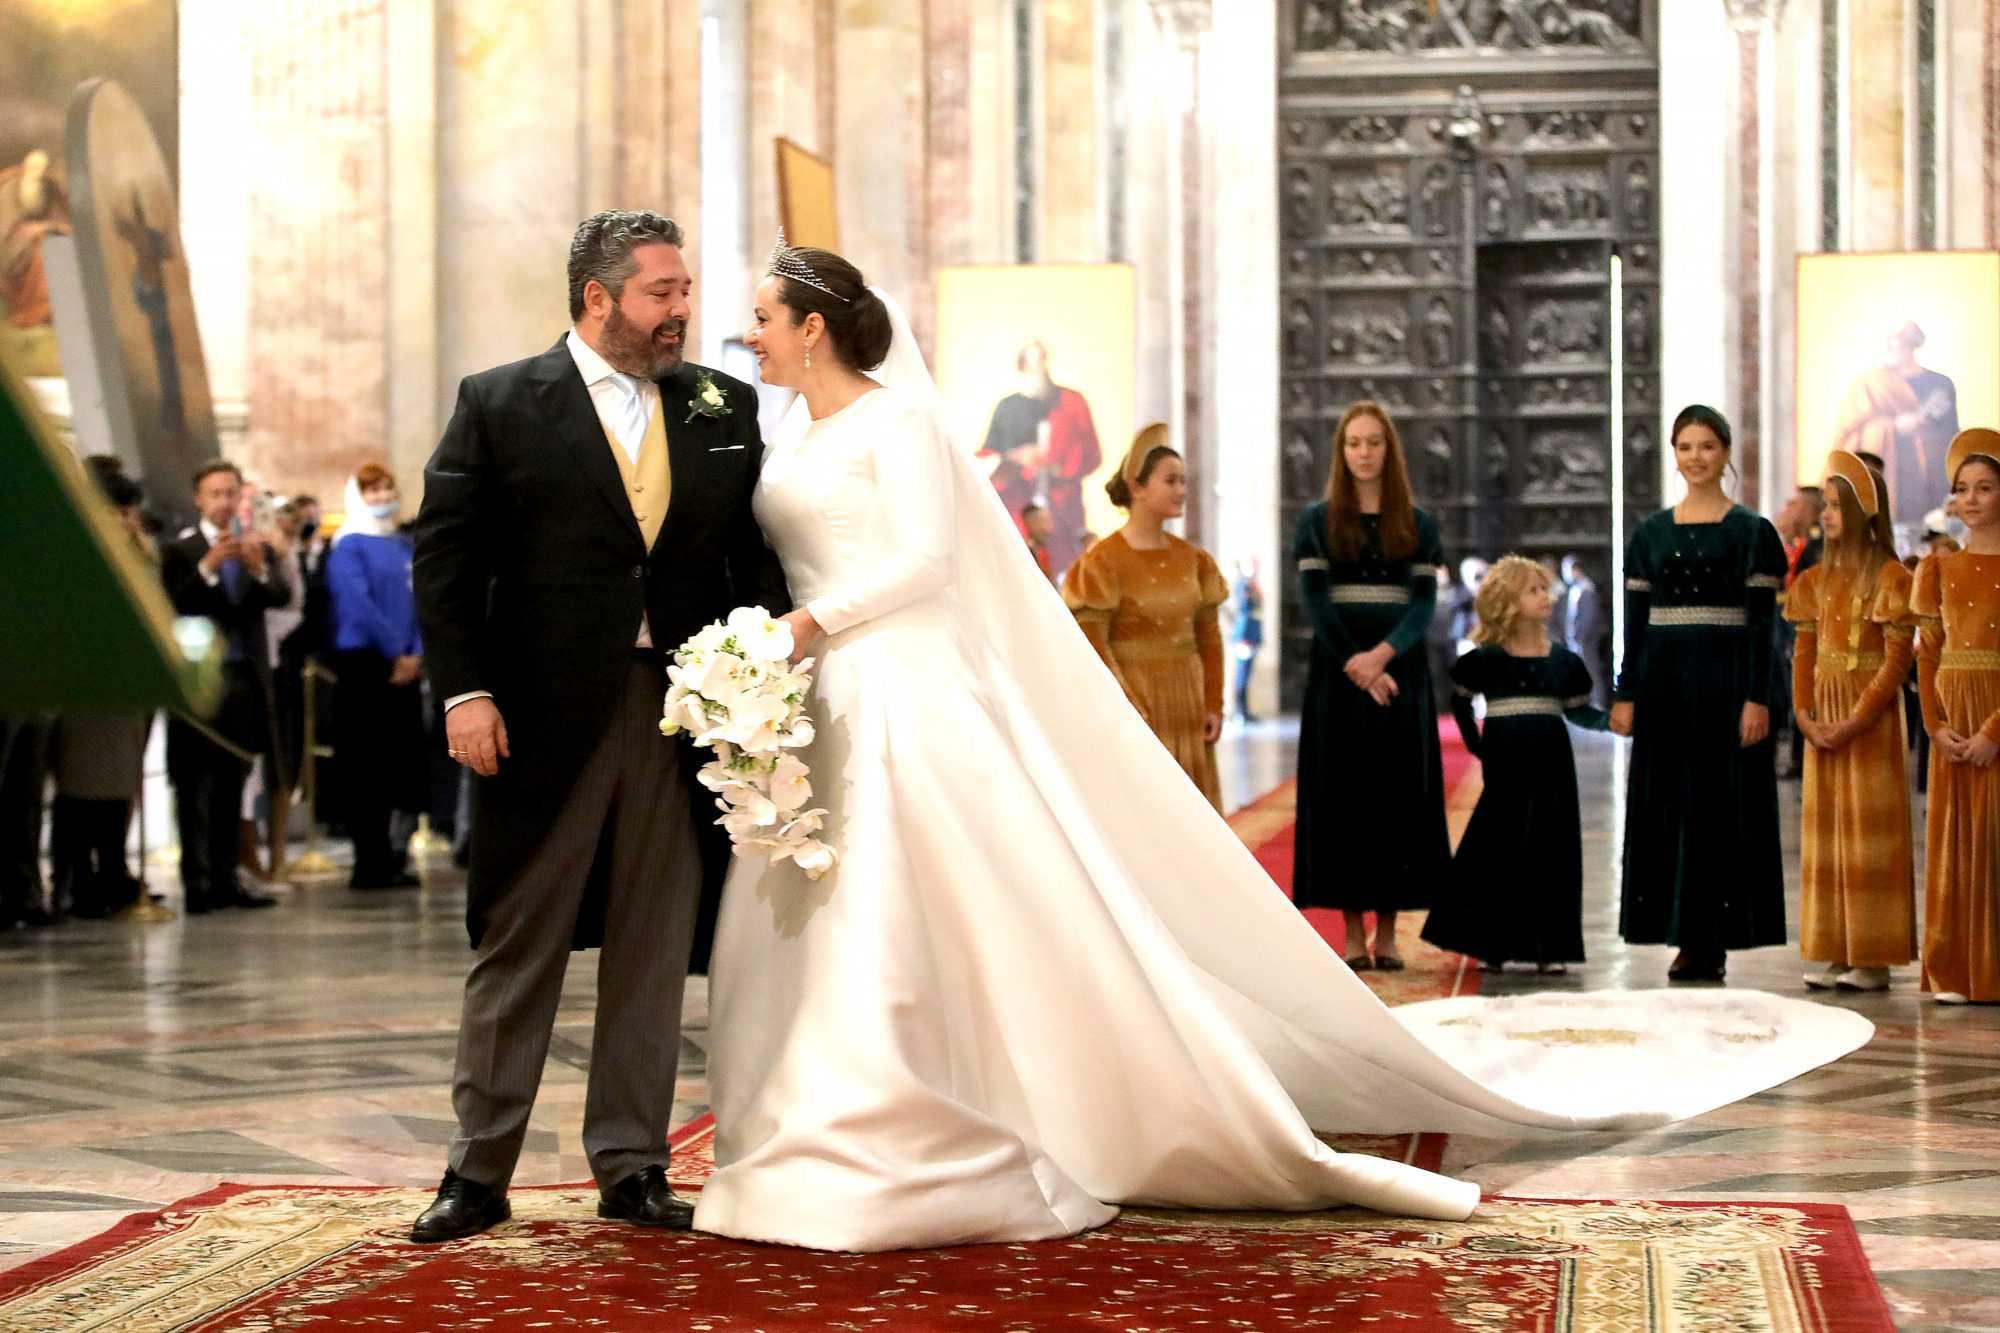 Шойгу приказал наказать «почетный караул» на церемонии венчания Романовых в Петербурге